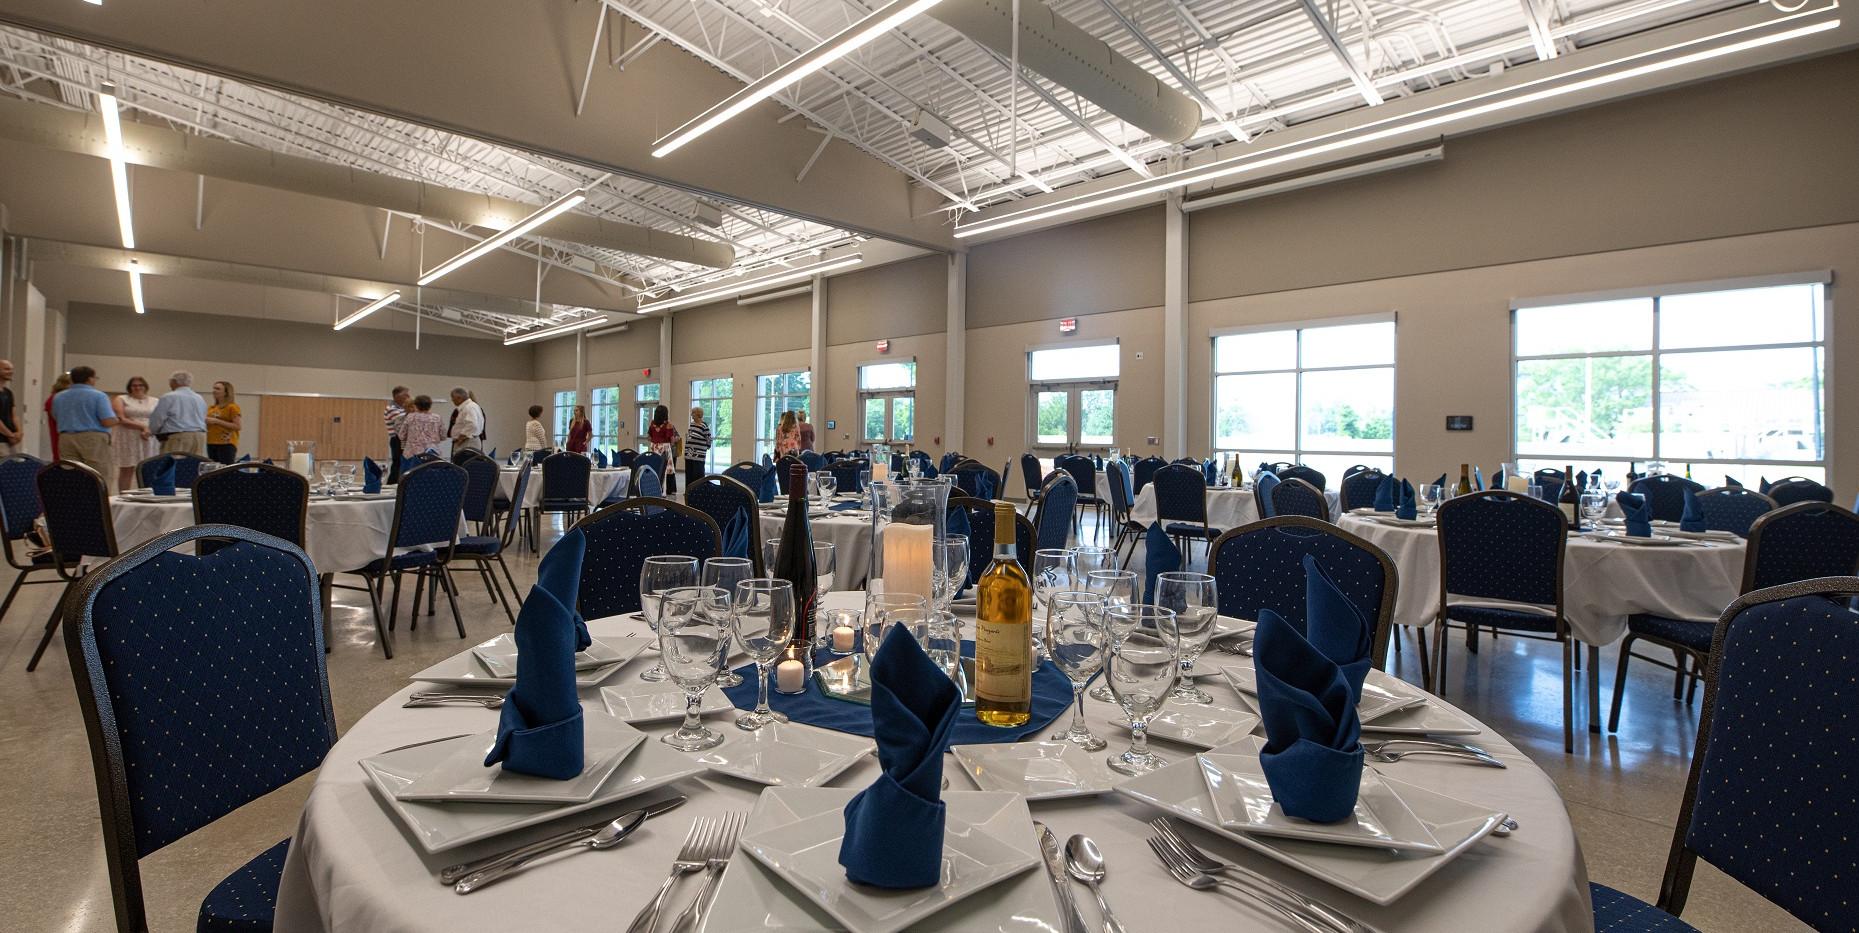 Banquet setup JK.jpg